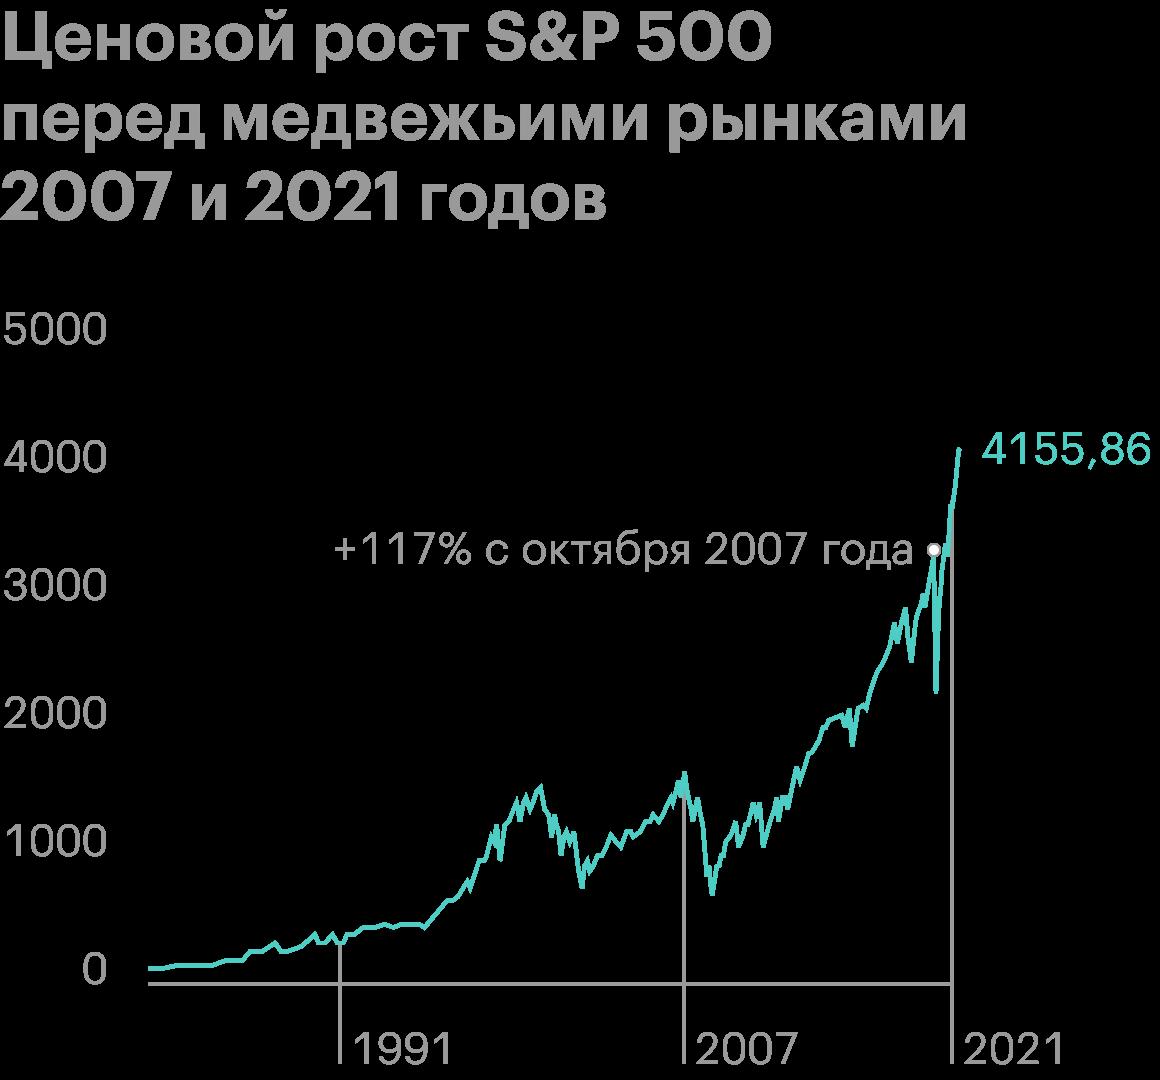 От максимума в октябре 2007года, непосредственно перед медвежьим рынком, до максимума в феврале 2021года, перед следующим медвежьим рынком, ценовой рост индекса S&P; 500составил 117%. Видно, что бычий тренд длится дольше и его импульс сильнее медвежьего. Источник: Google Finance